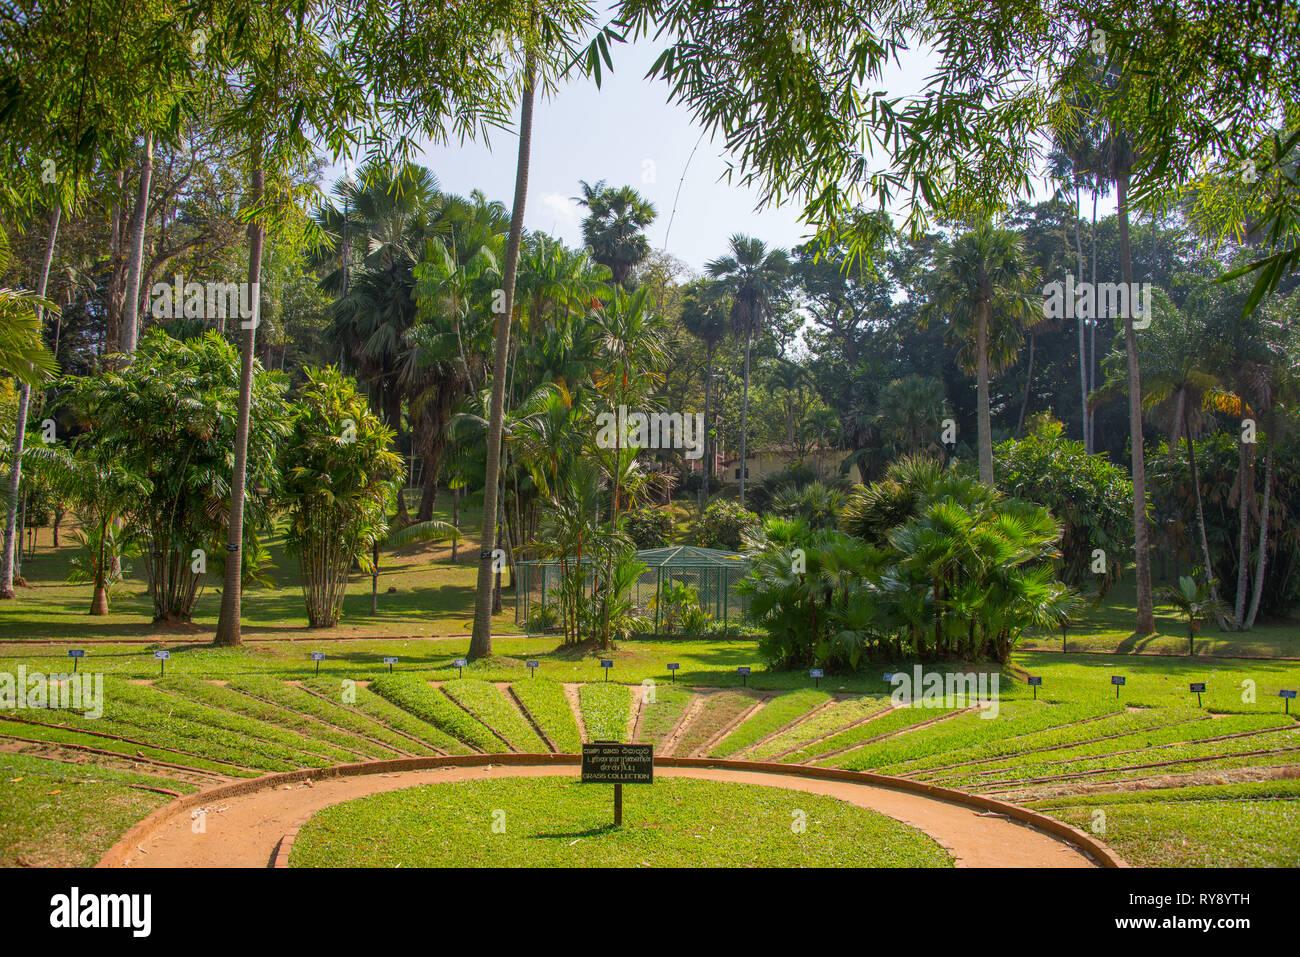 Asia, Sri Lanka, Kandy, Royal Botanic Garden Peradeniya - Stock Image